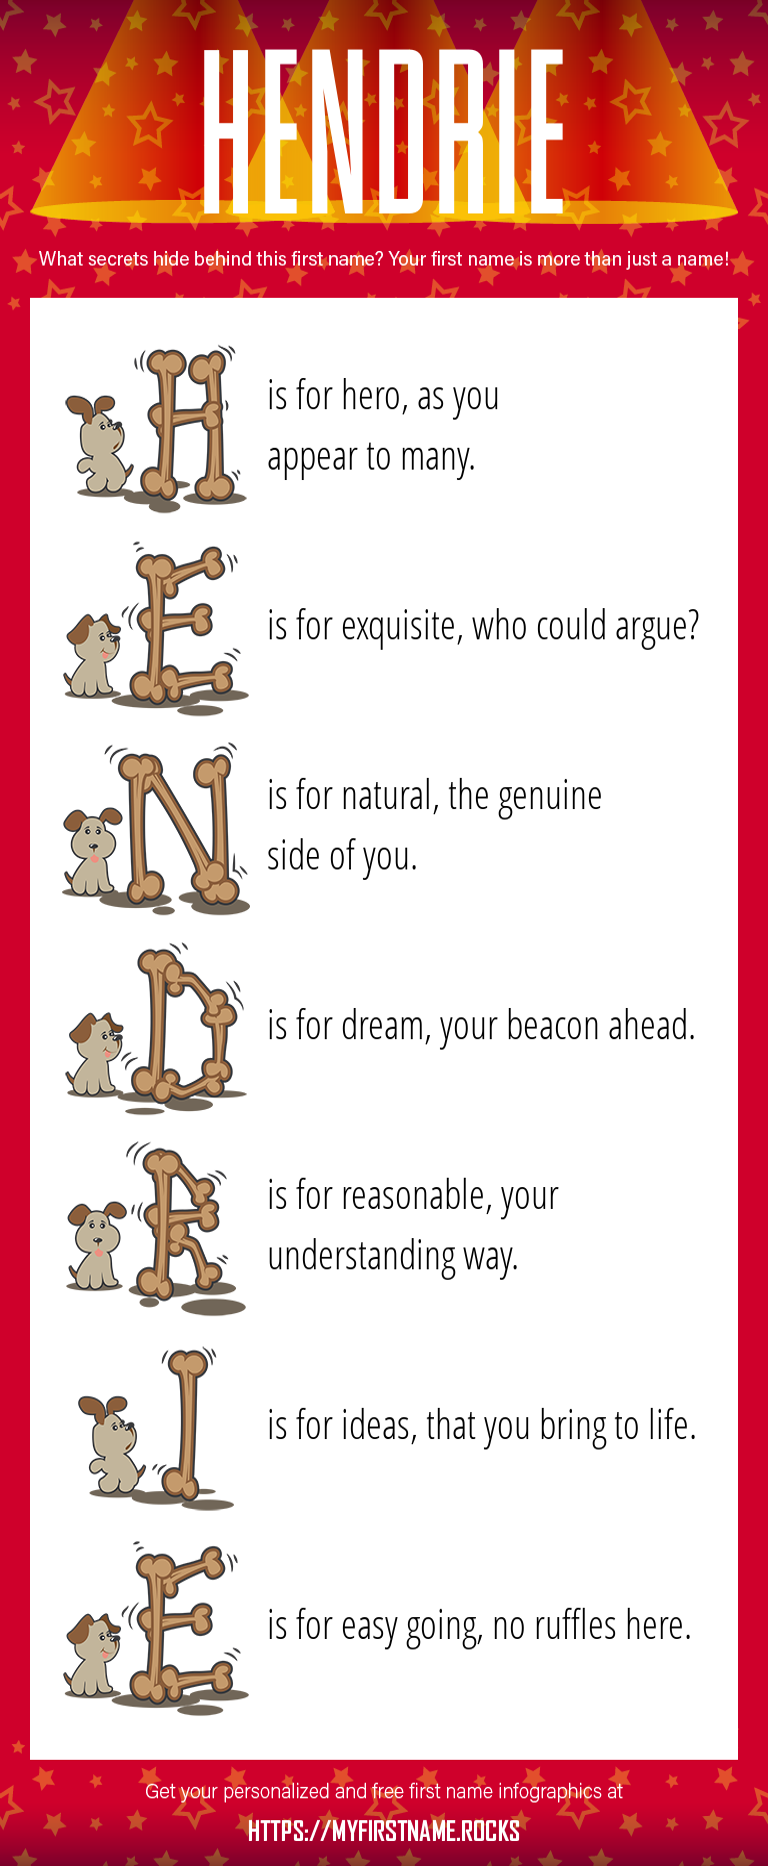 Hendrie Infographics